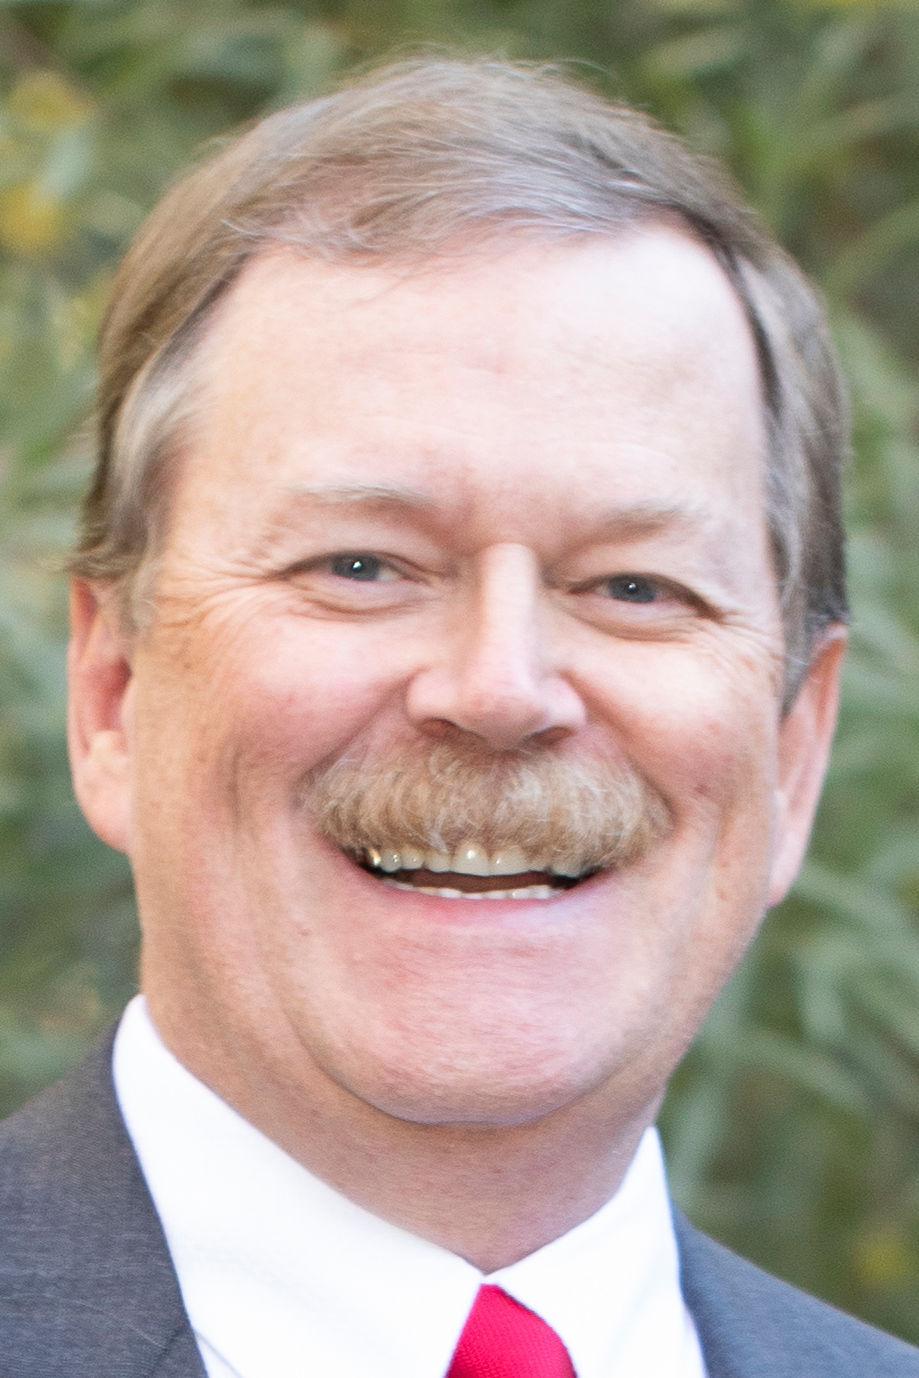 2020 Elections: Bill Beard, Pima County Supervisor